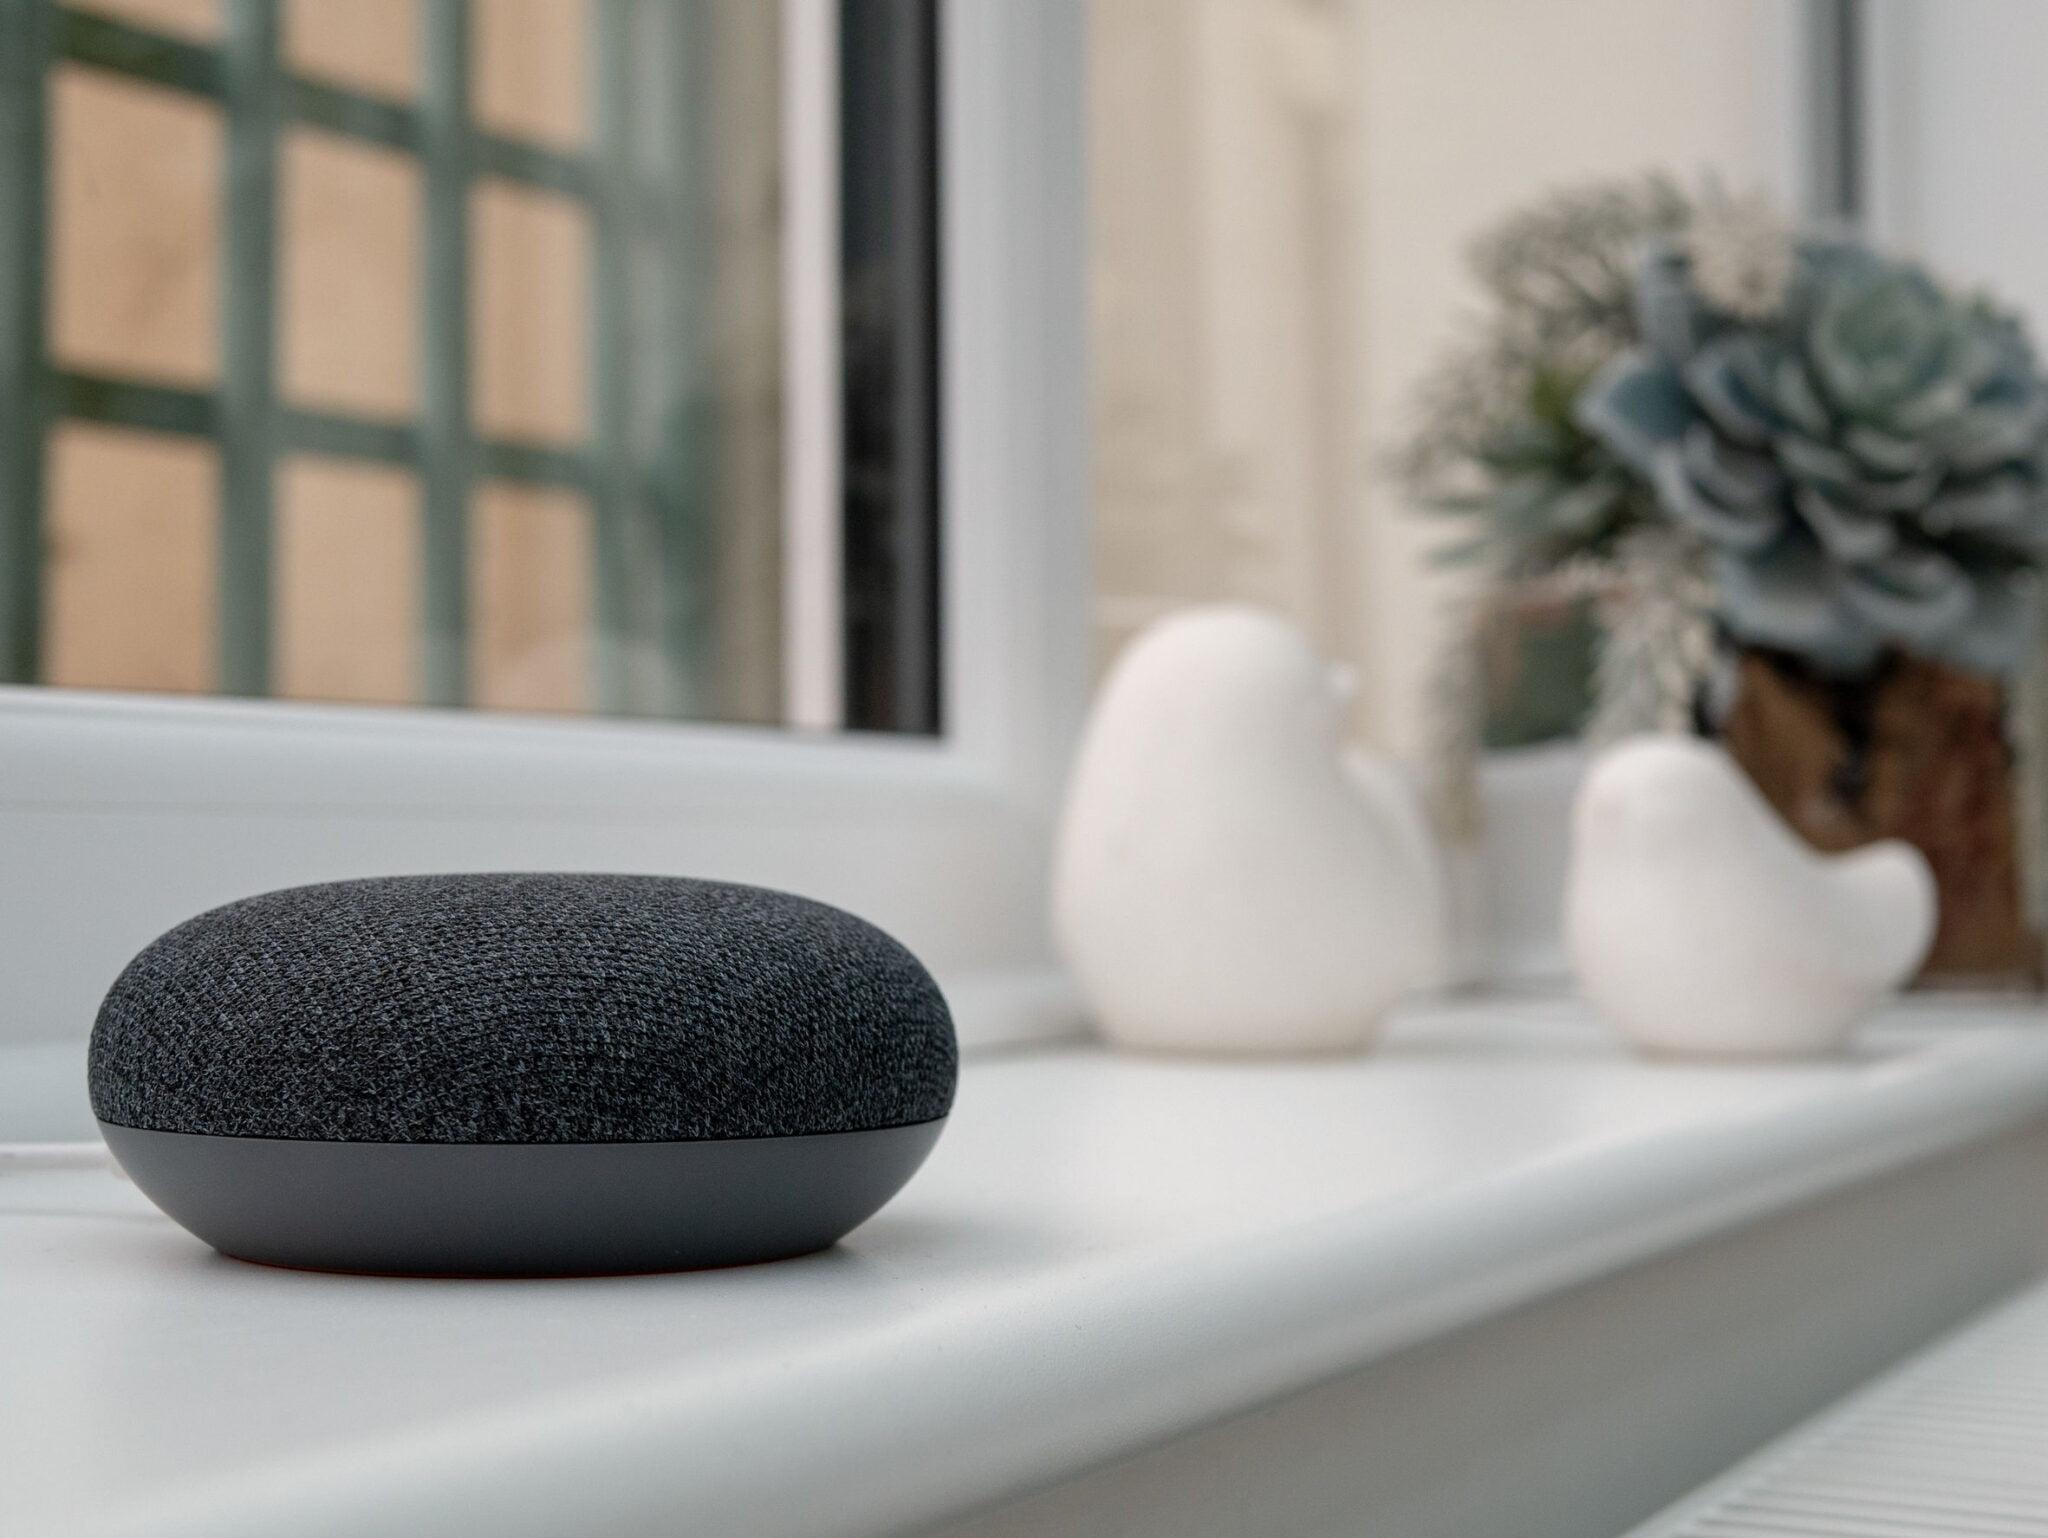 Meest actuele en volledig overzicht met praktische en grappige Google Assistent commando's en functies, routines van Google Home in Nederland. Inclusief easter eggs. - Mamaliefde.nl